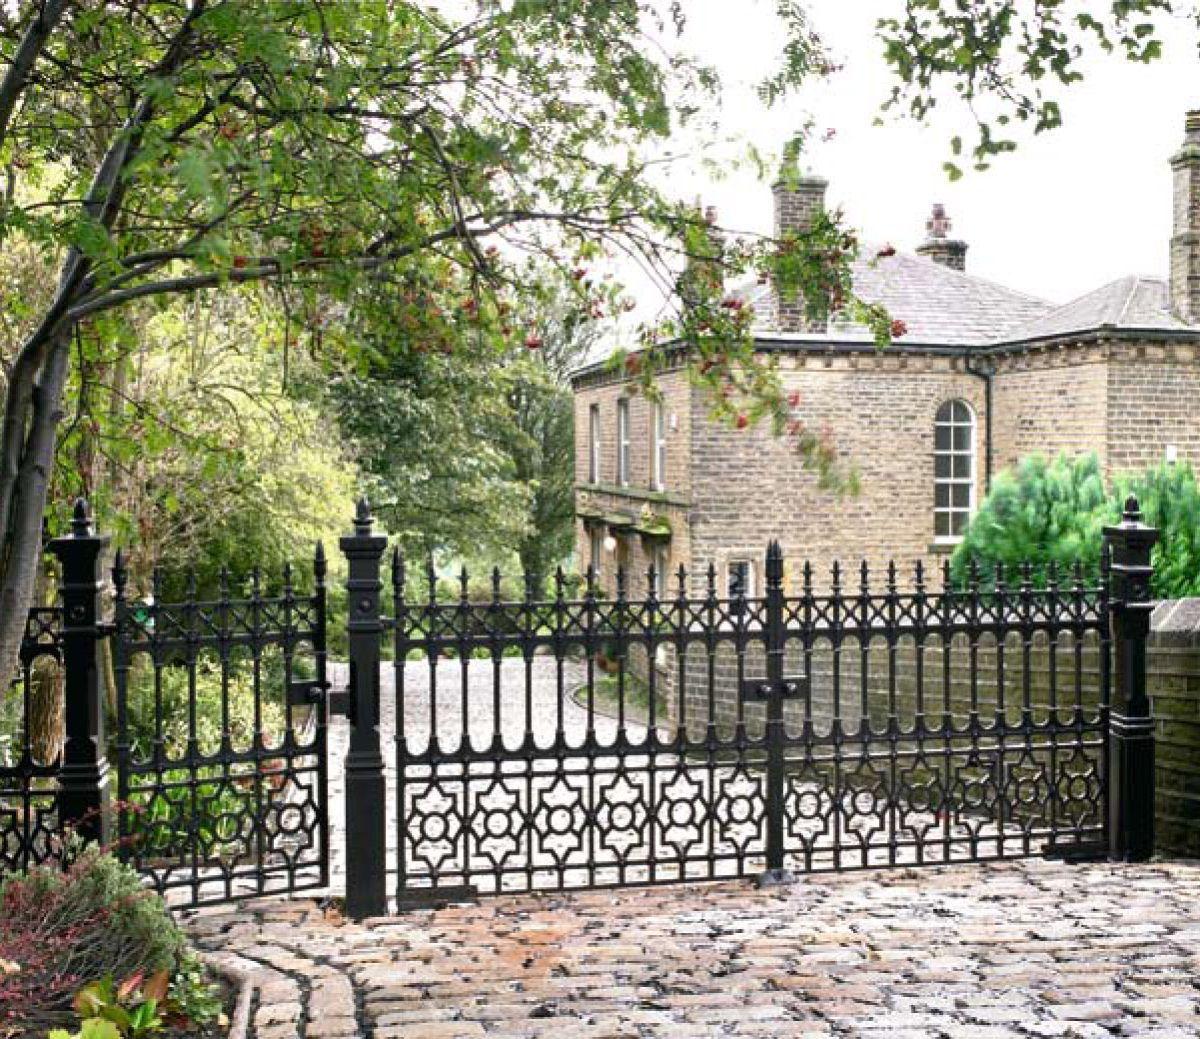 Dumfries Driveway Gates 12ft Pair Driveway Gates Gate Images Driveway Gate Wrought Iron Driveway Gates